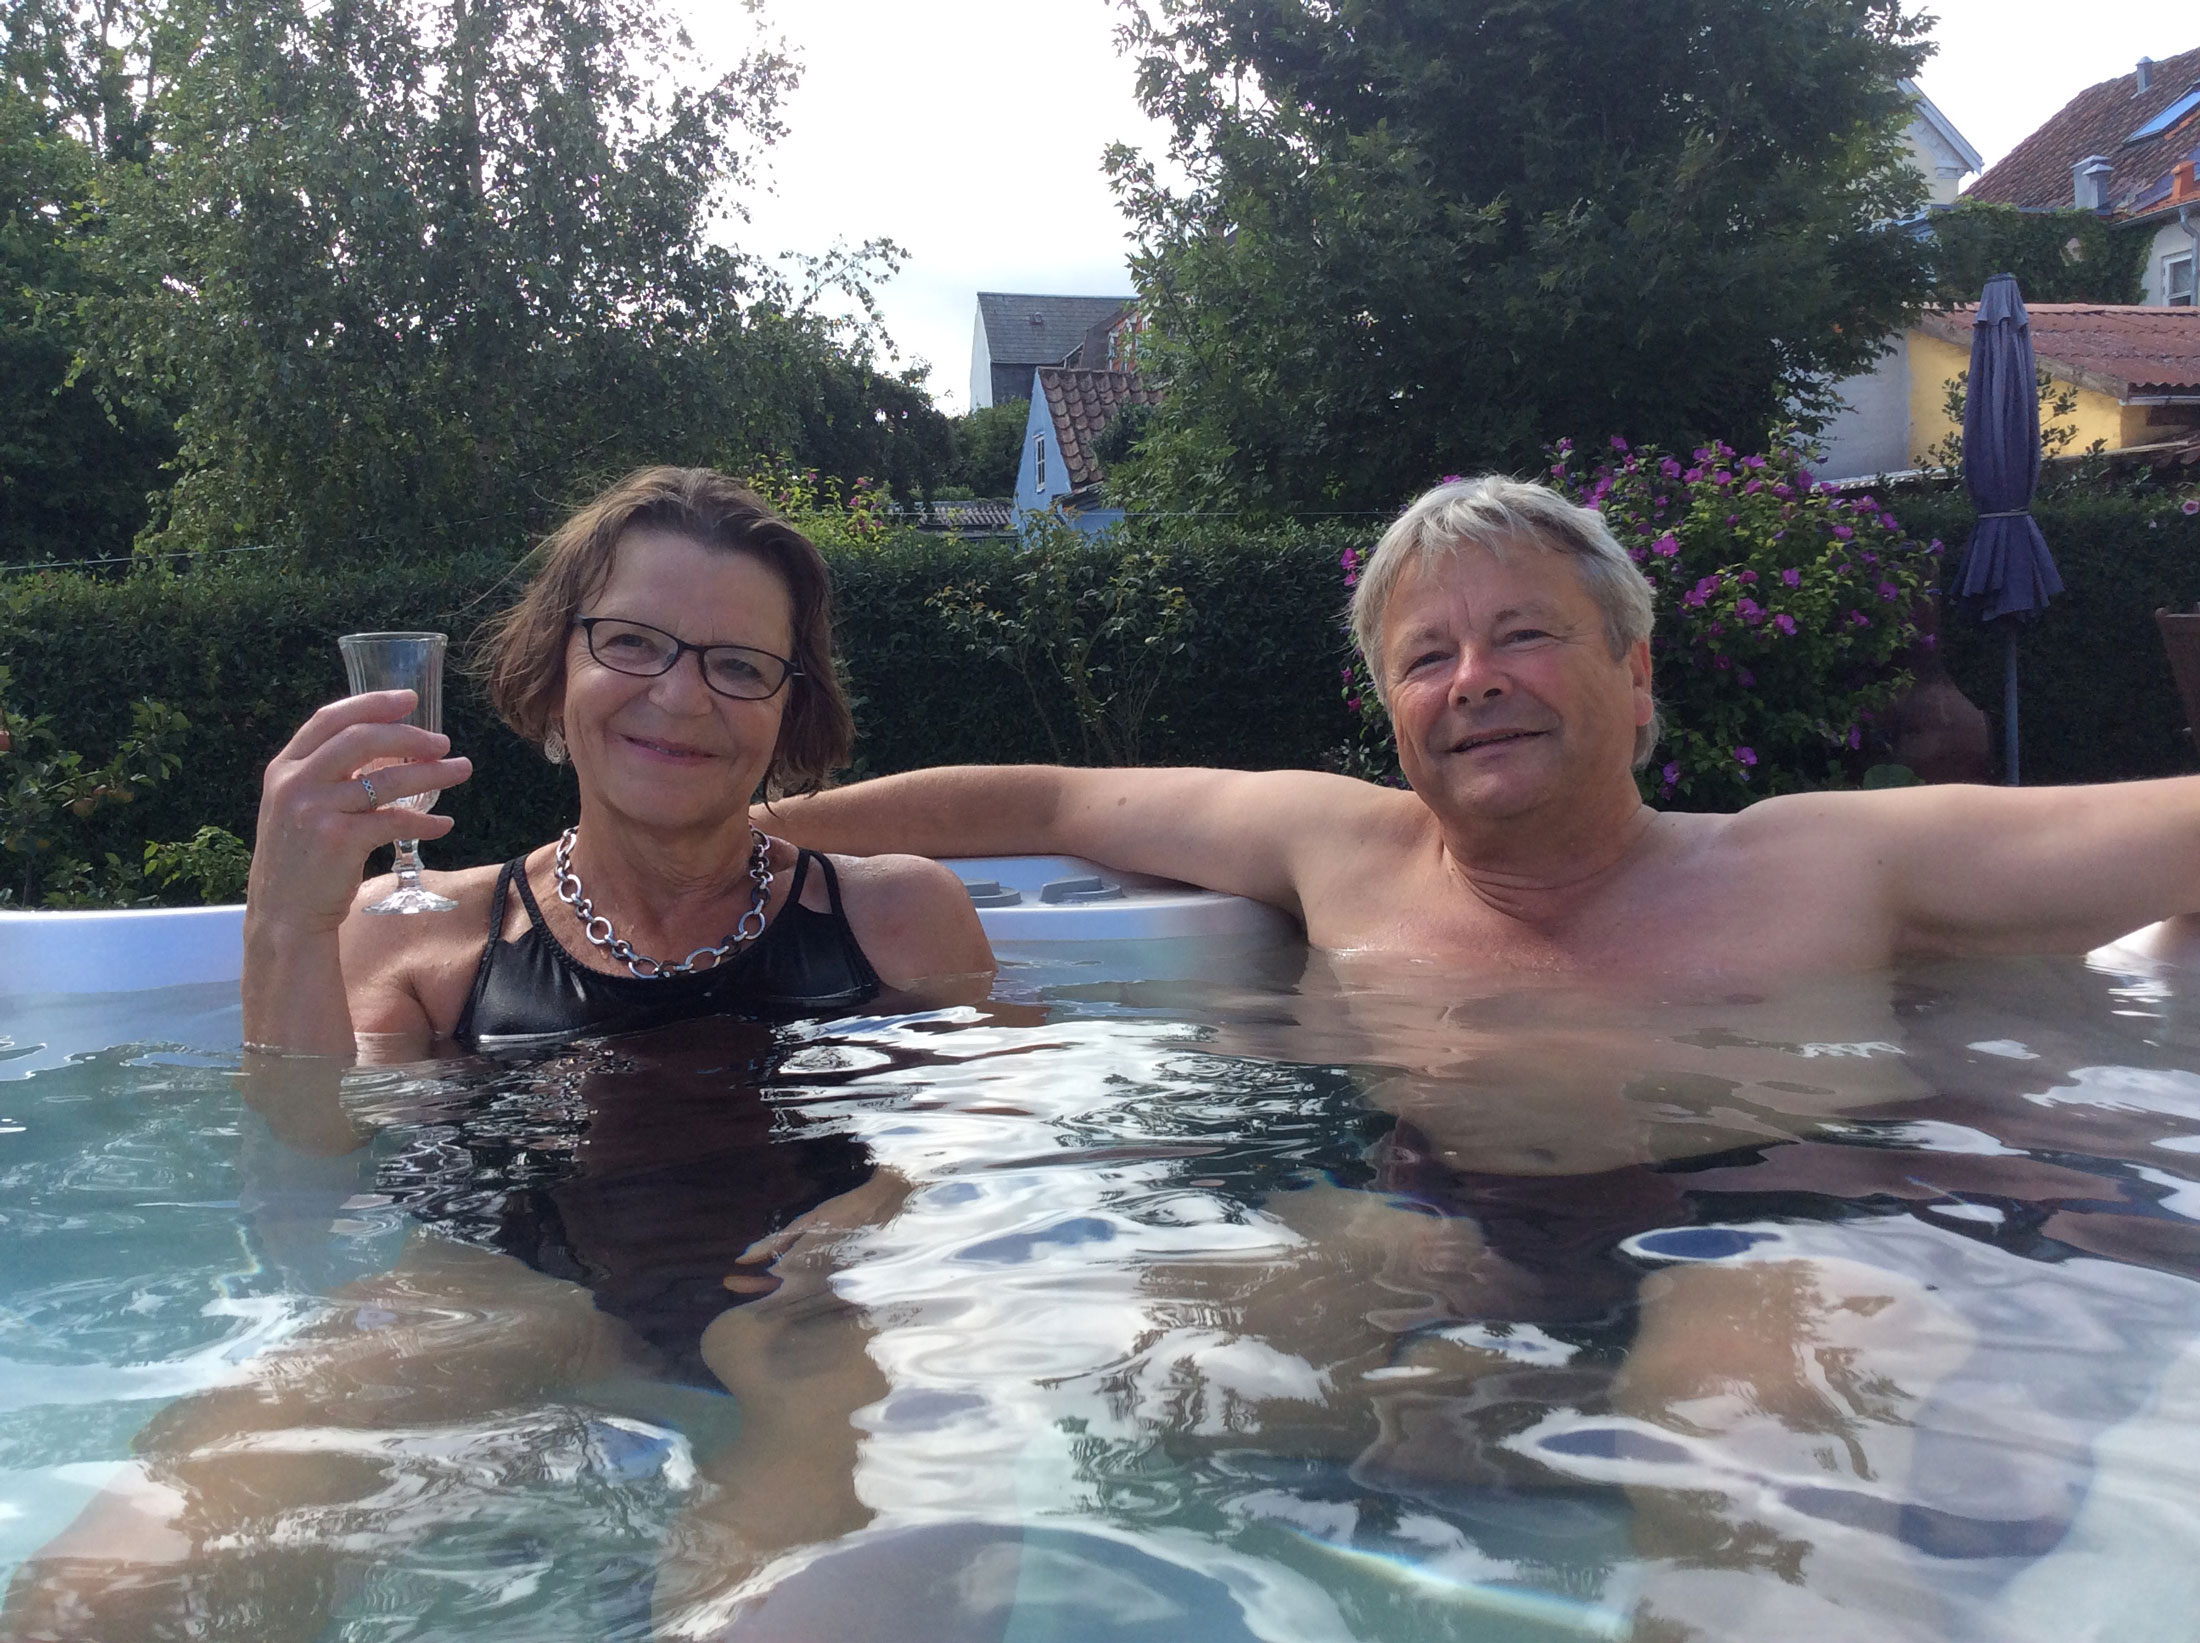 Spa og sauna hos Indre ro i Odense. Jacuzzi udendørs